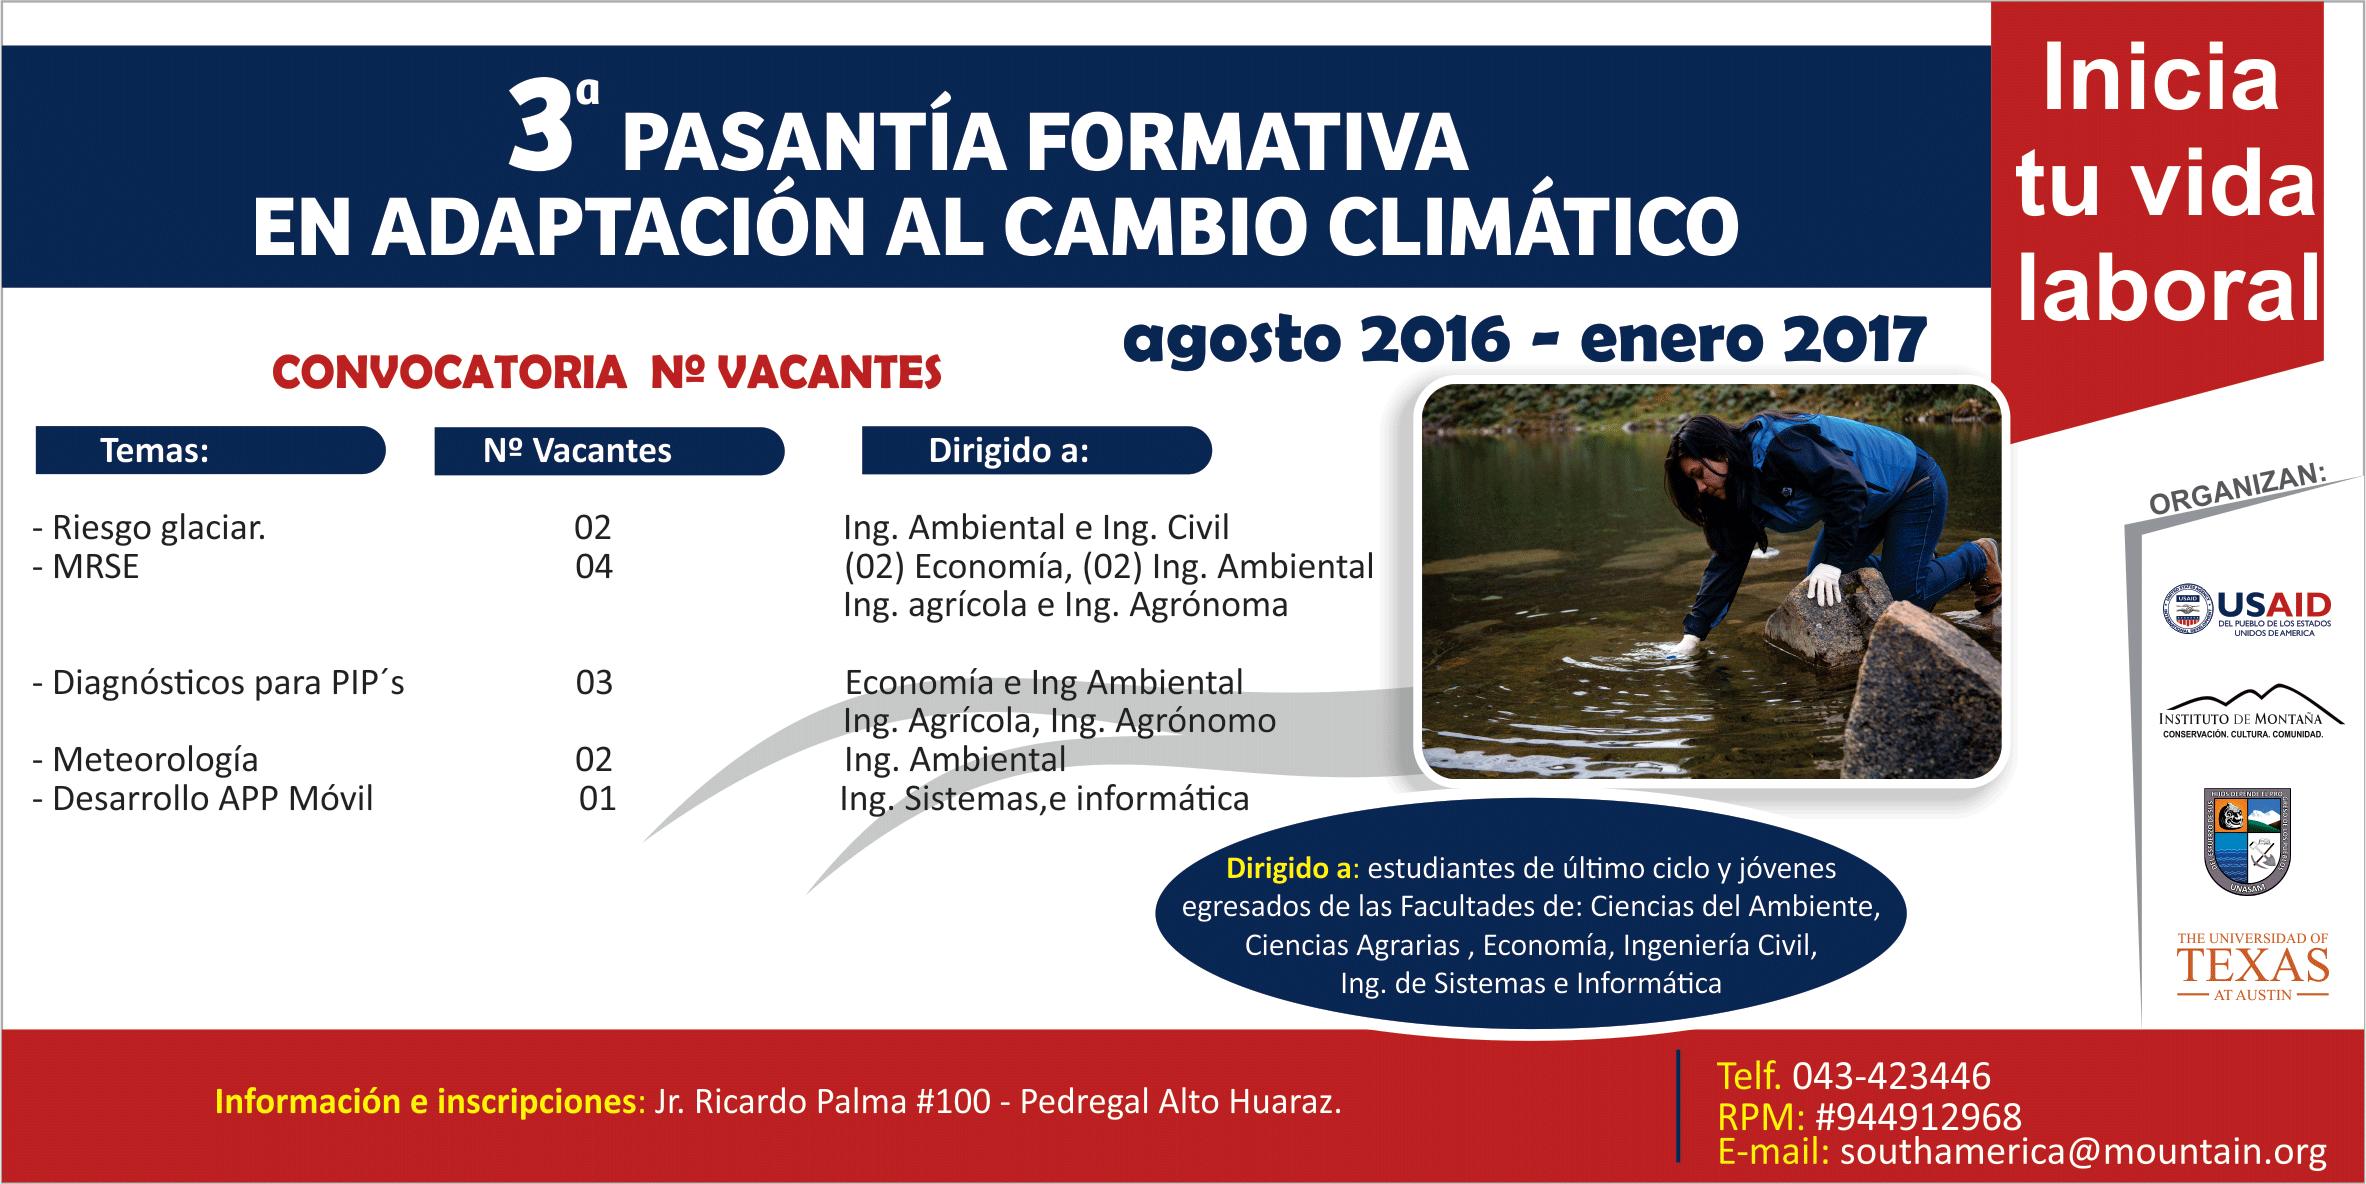 CONVOCATORIA A PASANTÍAS ACADÉMICAS UNIVERSITARIAS EN ADAPTACIÓN AL CAMBIO CLIMÁTICO